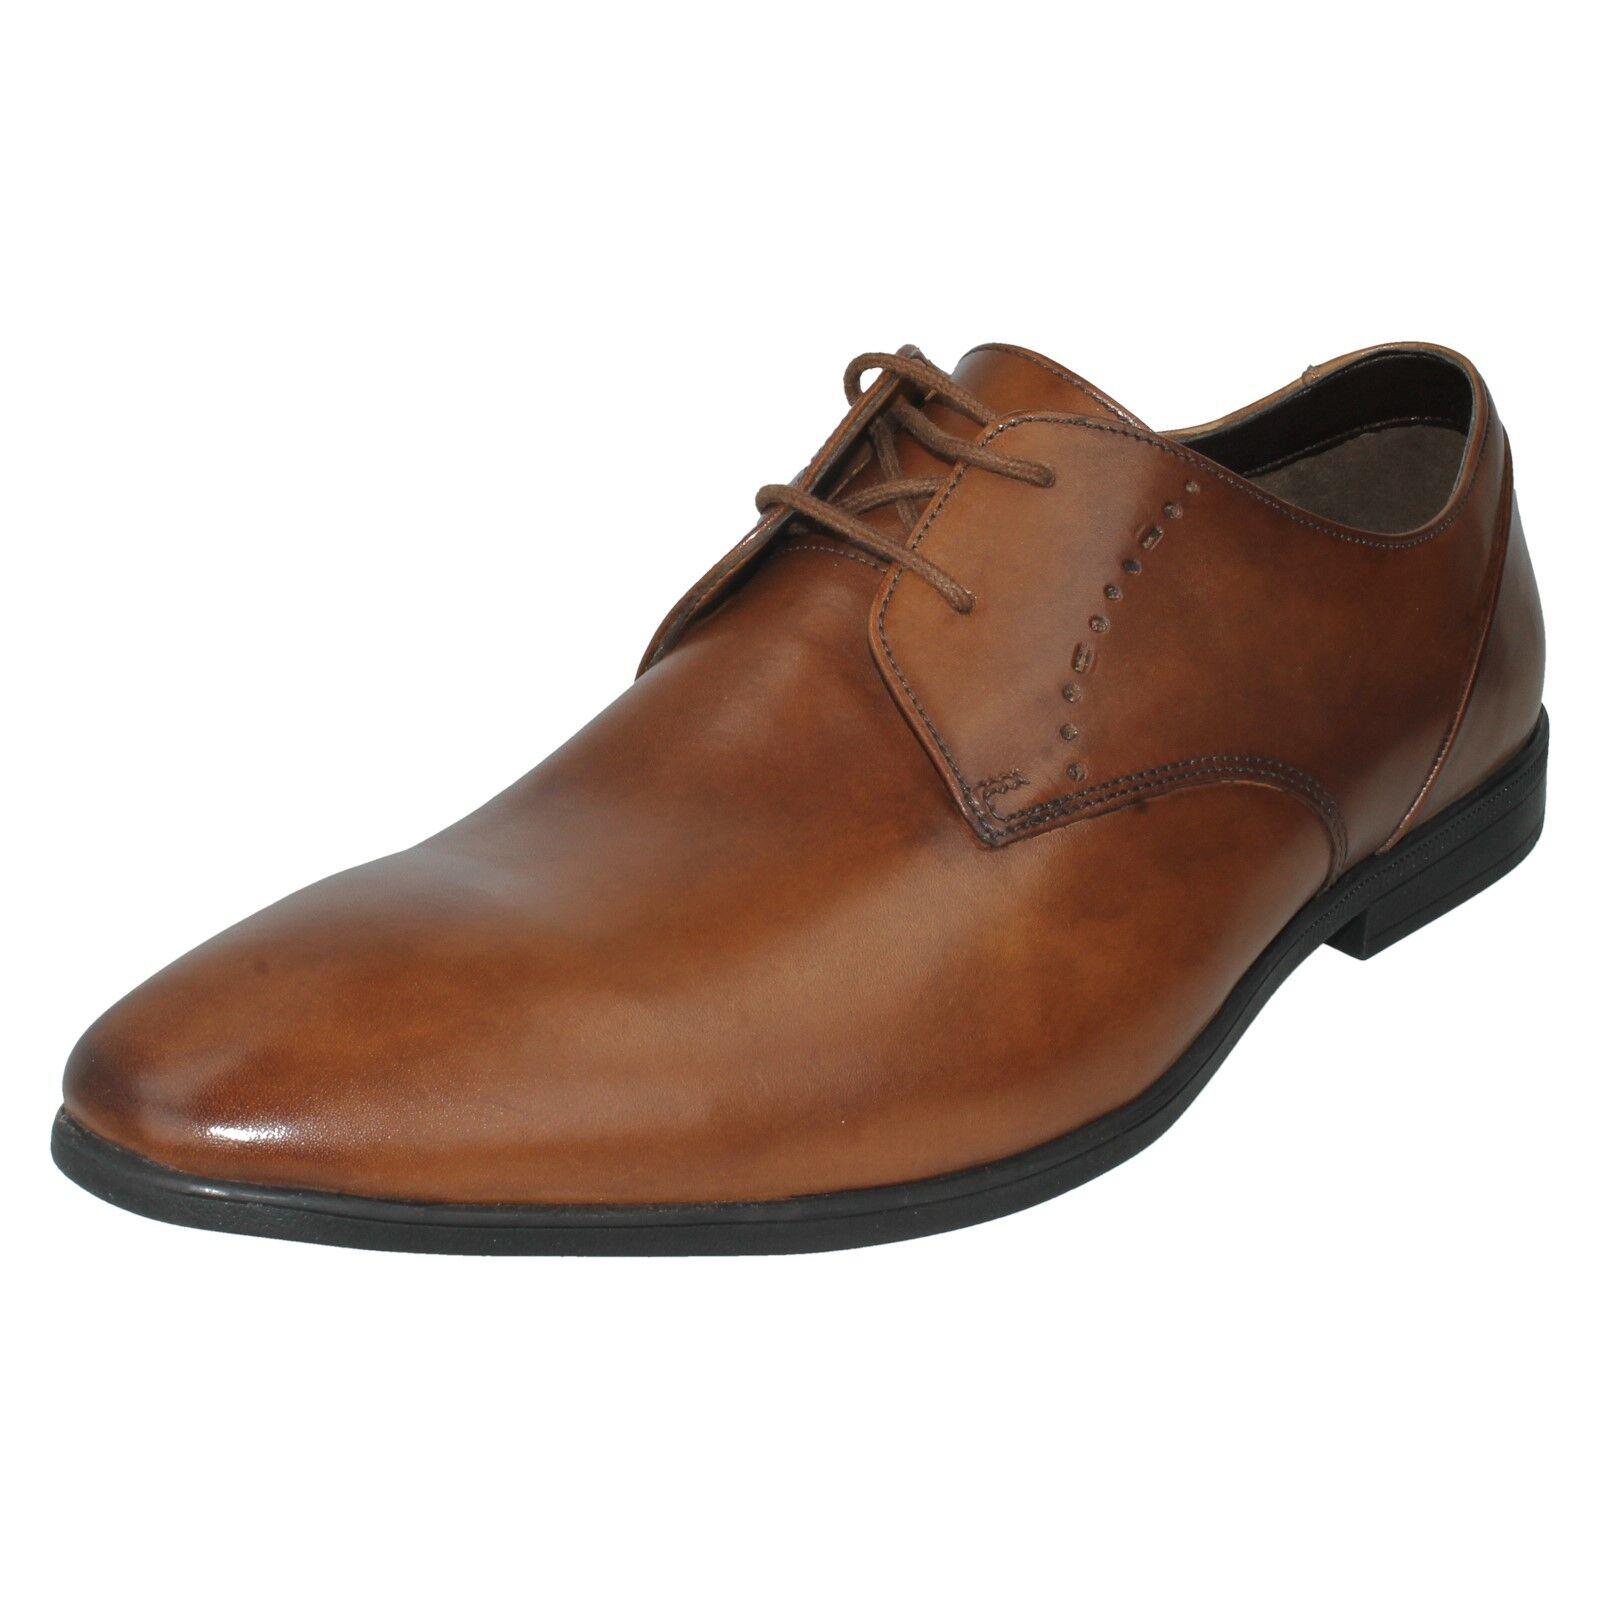 Herren Clarks Leder Spitze Zulaufend Oben Smart Zulaufend Spitze Förmliche Schuhe Größe Bampton 9da074